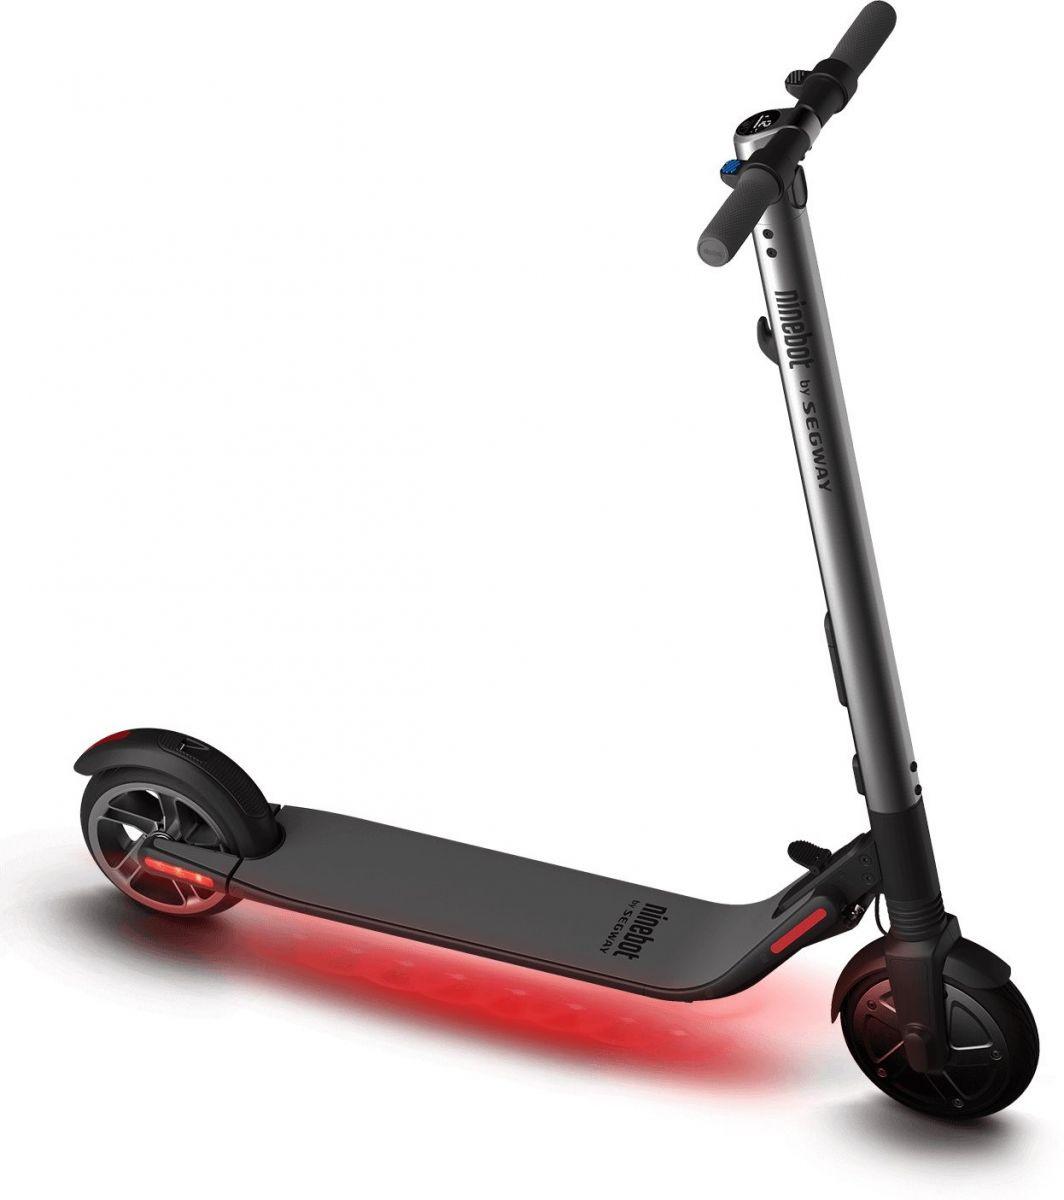 Электросамокат Ninebot KickScooter ES2 аксессуар сиденье ninebot для самоката kickscooter es1 es2 es4